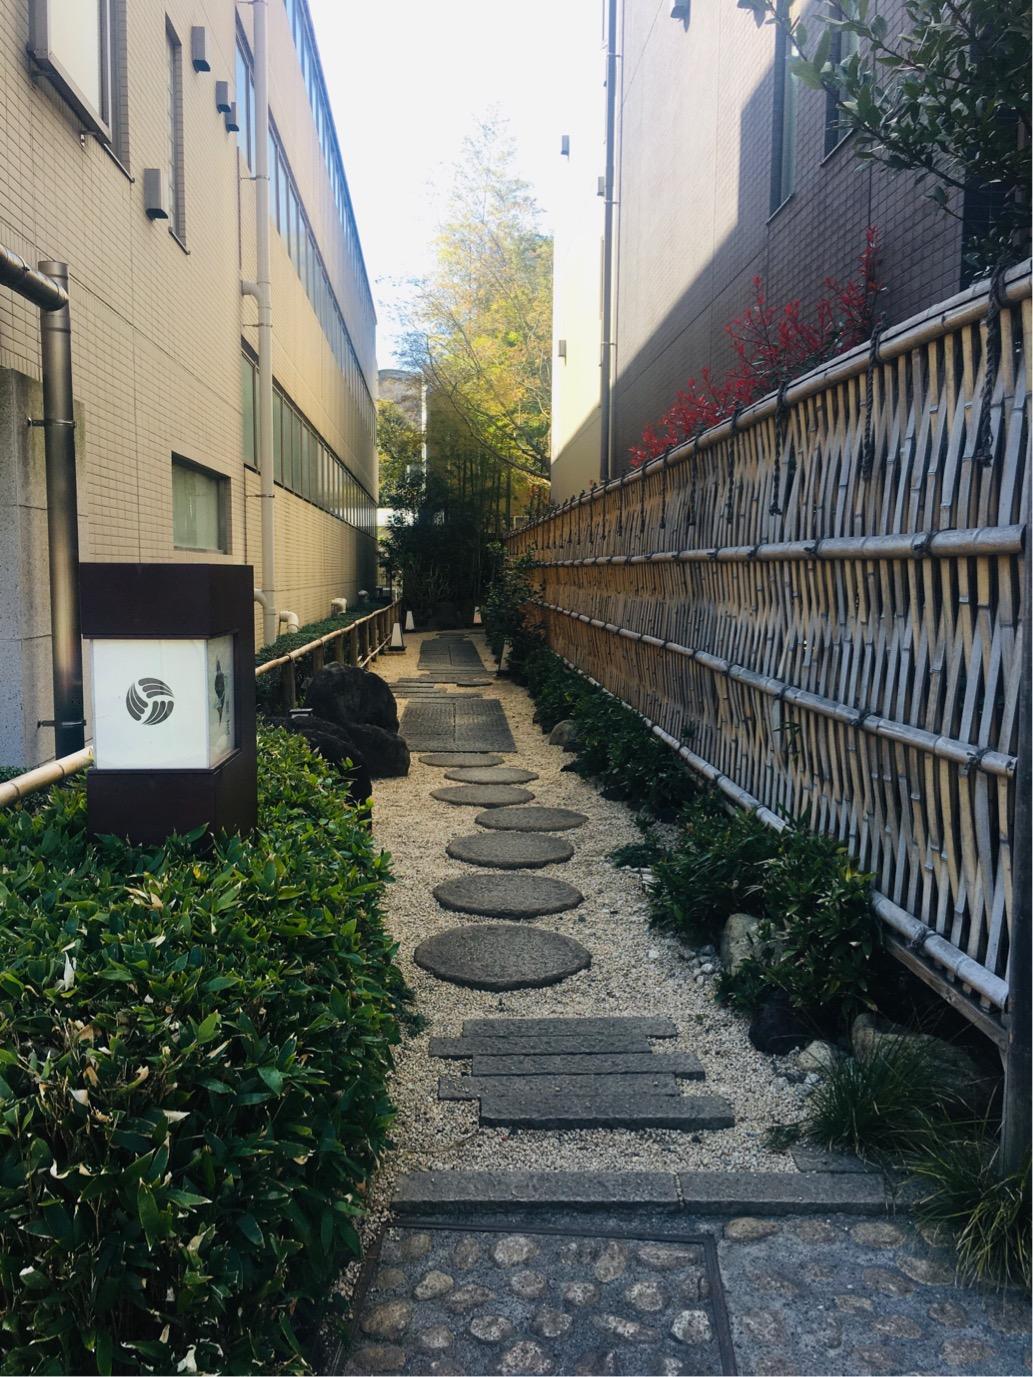 高輪ゲートウェイ駅と泉岳寺 泉岳寺門前紋屋